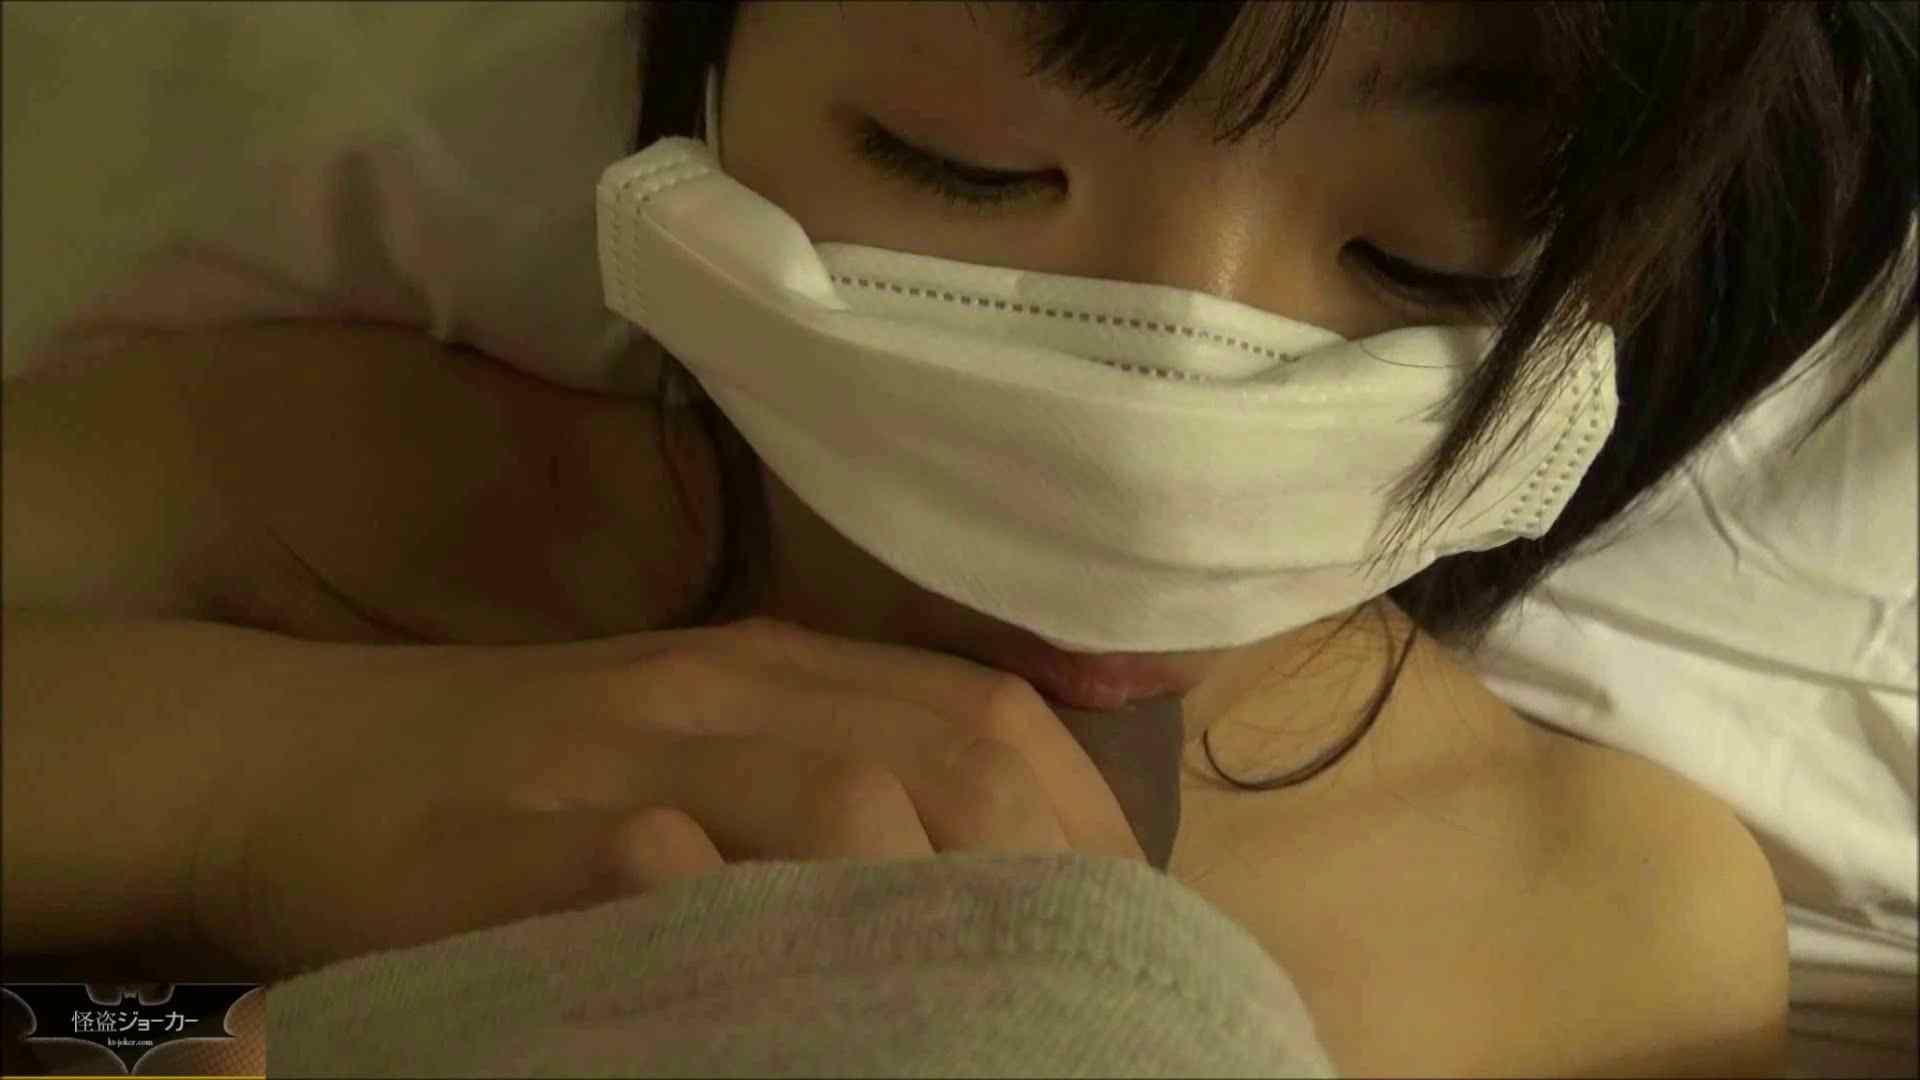 【未公開】vol.79 {関東某有名お嬢様JD}yuunaちゃん③ エッチなお嬢様 | エッチなOL  93枚 52